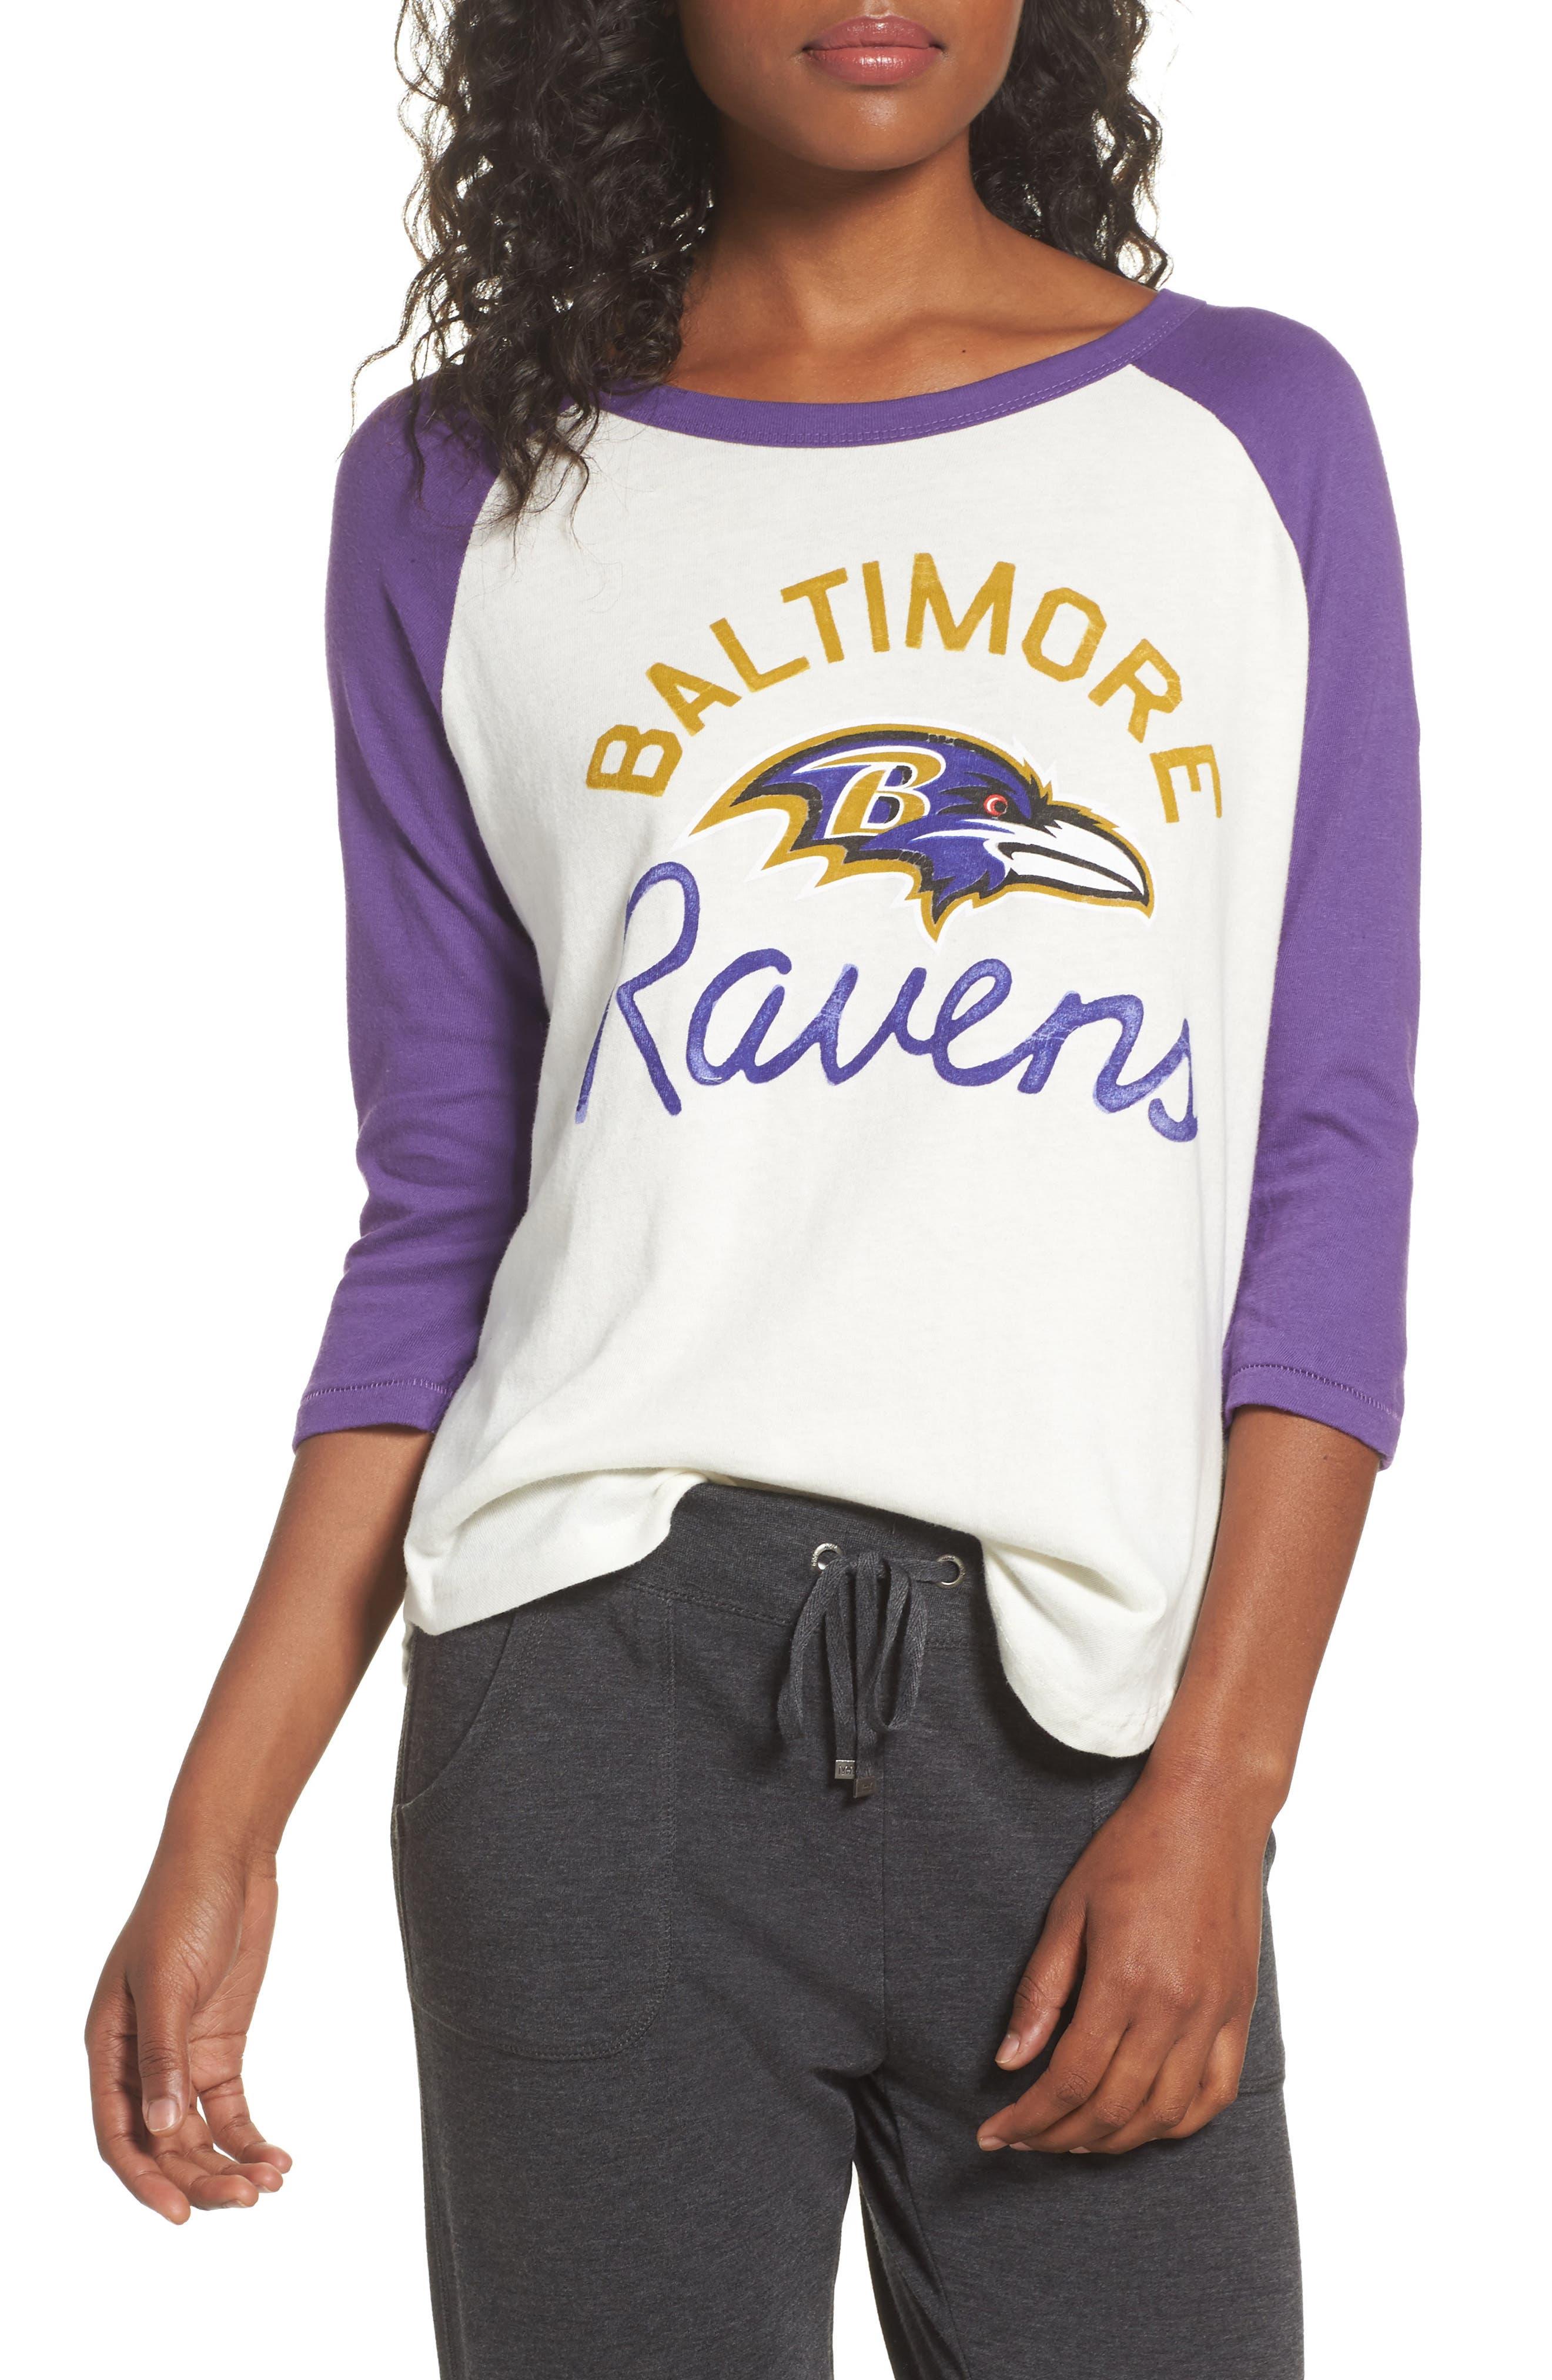 Main Image - Junk Food NFL Baltimore Ravens Raglan Tee